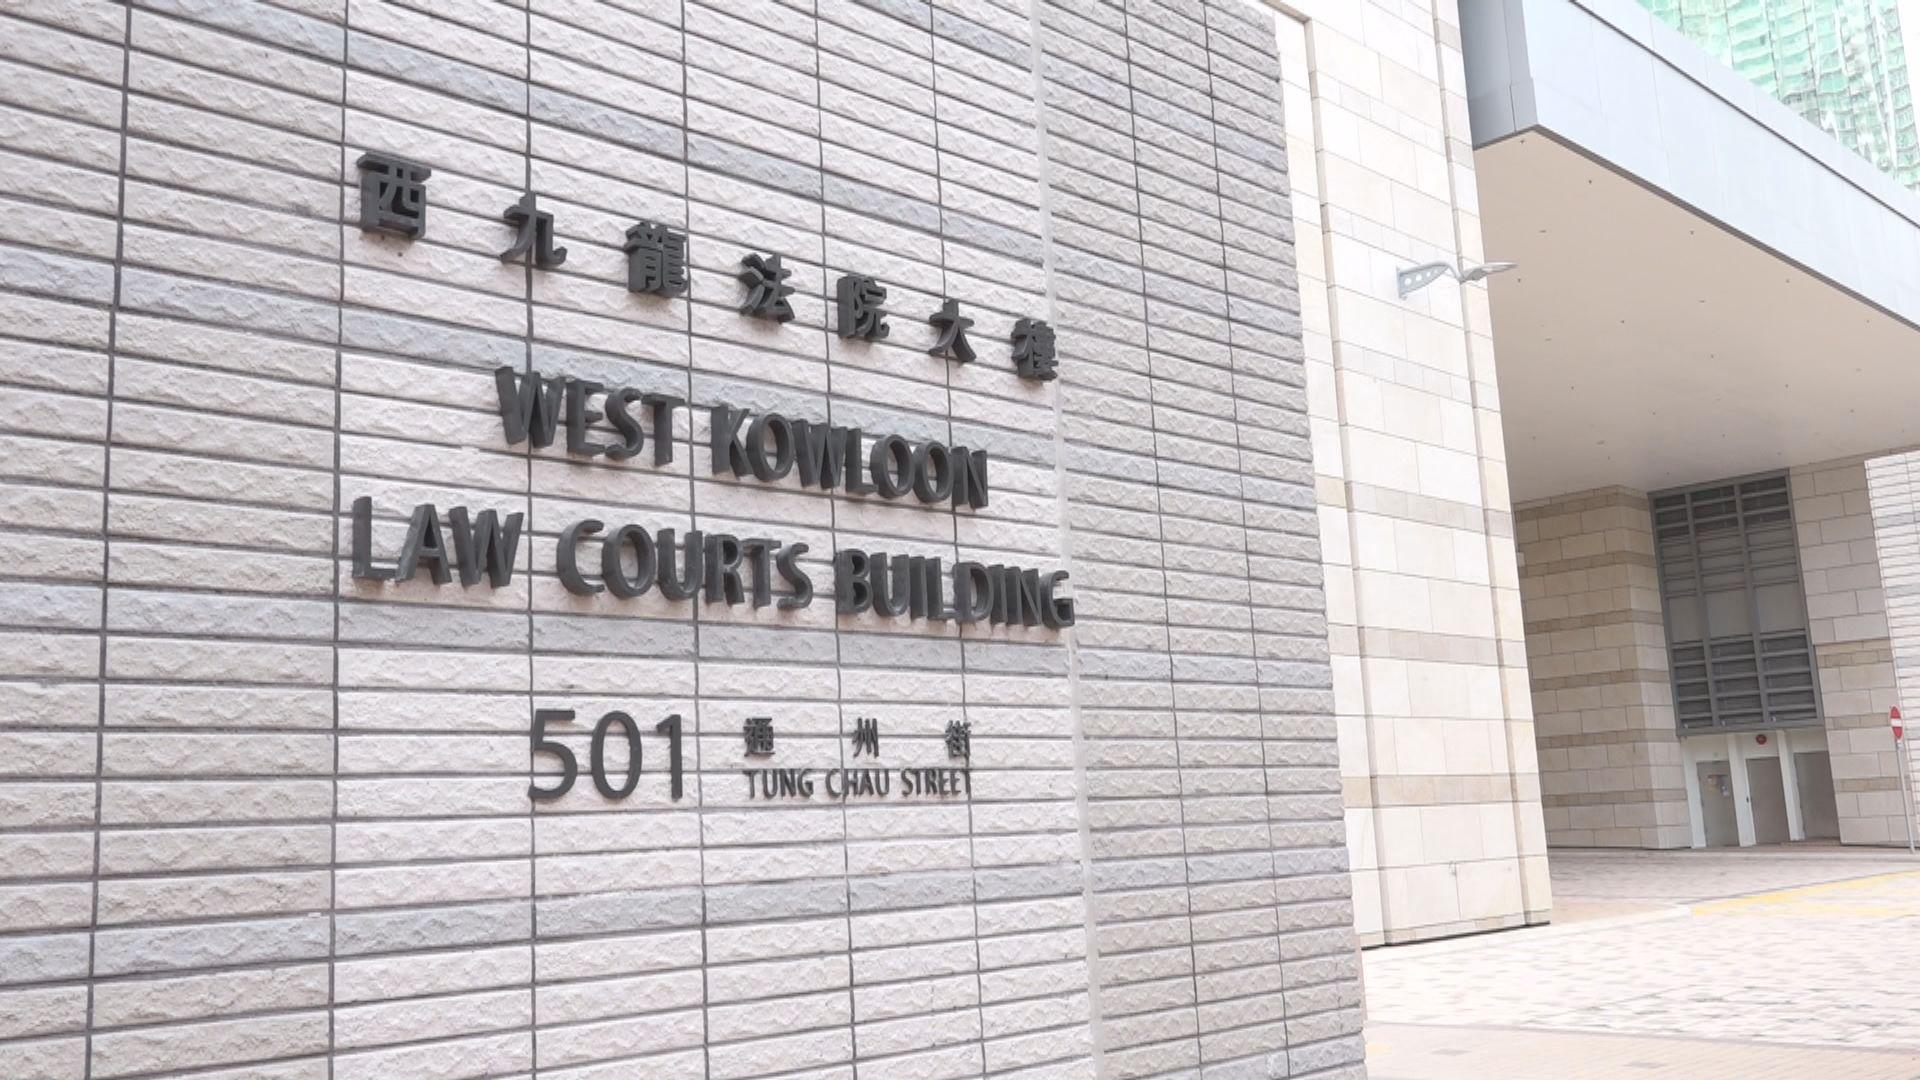 鍾翰林被控分裂國家罪今提堂